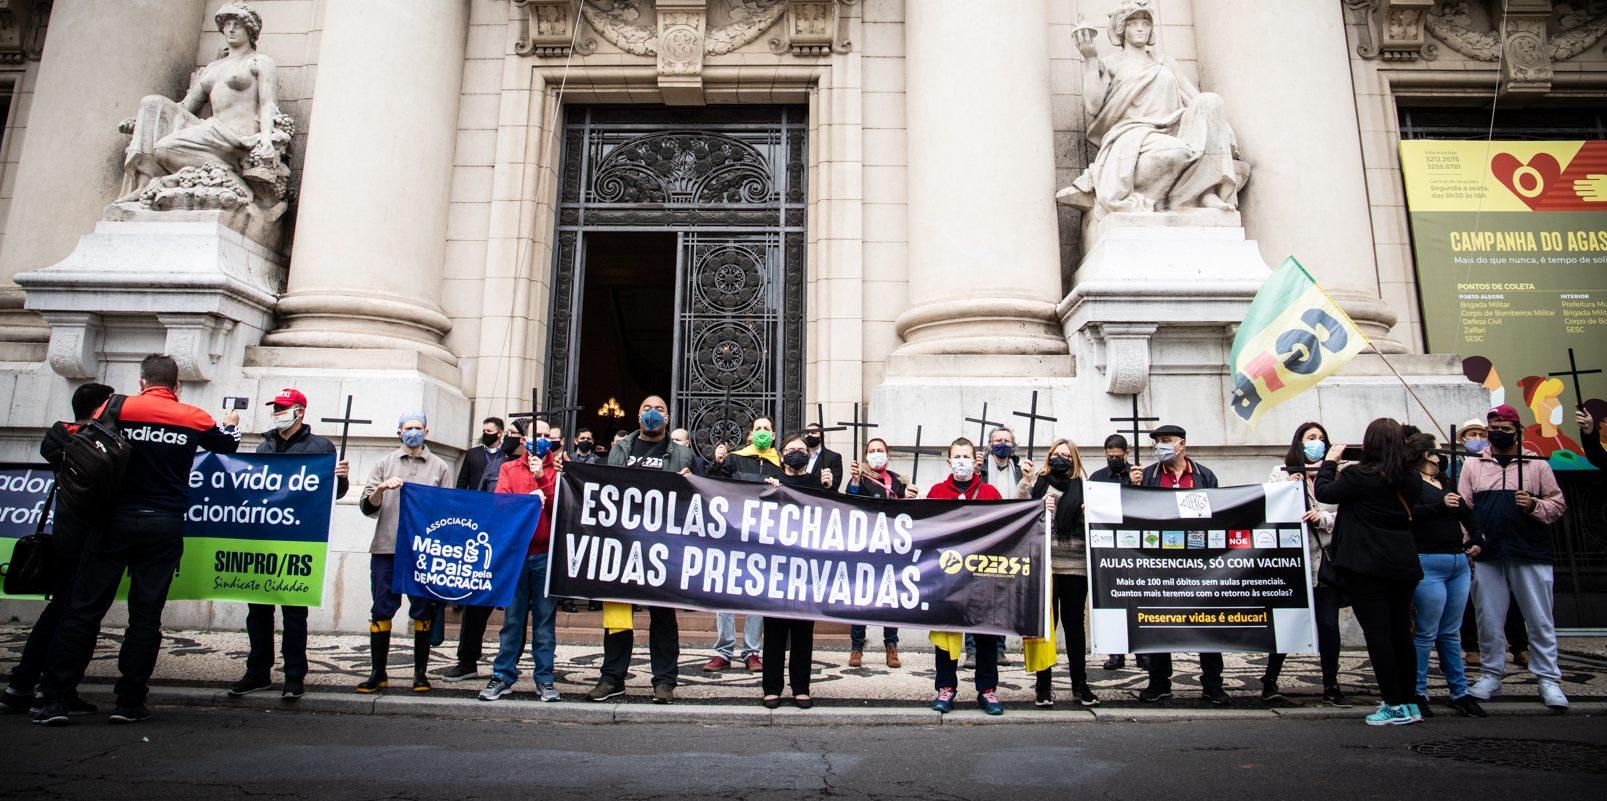 Urgente: Justiça defere em parte liminar do CPERS e rede estadual deve suspender aulas presenciais